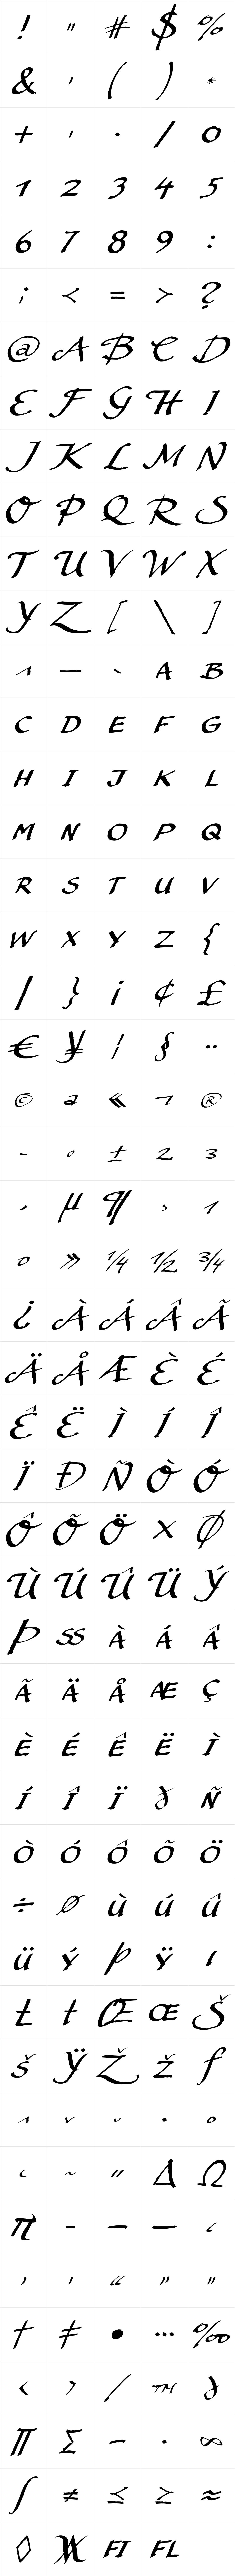 My Script Caps